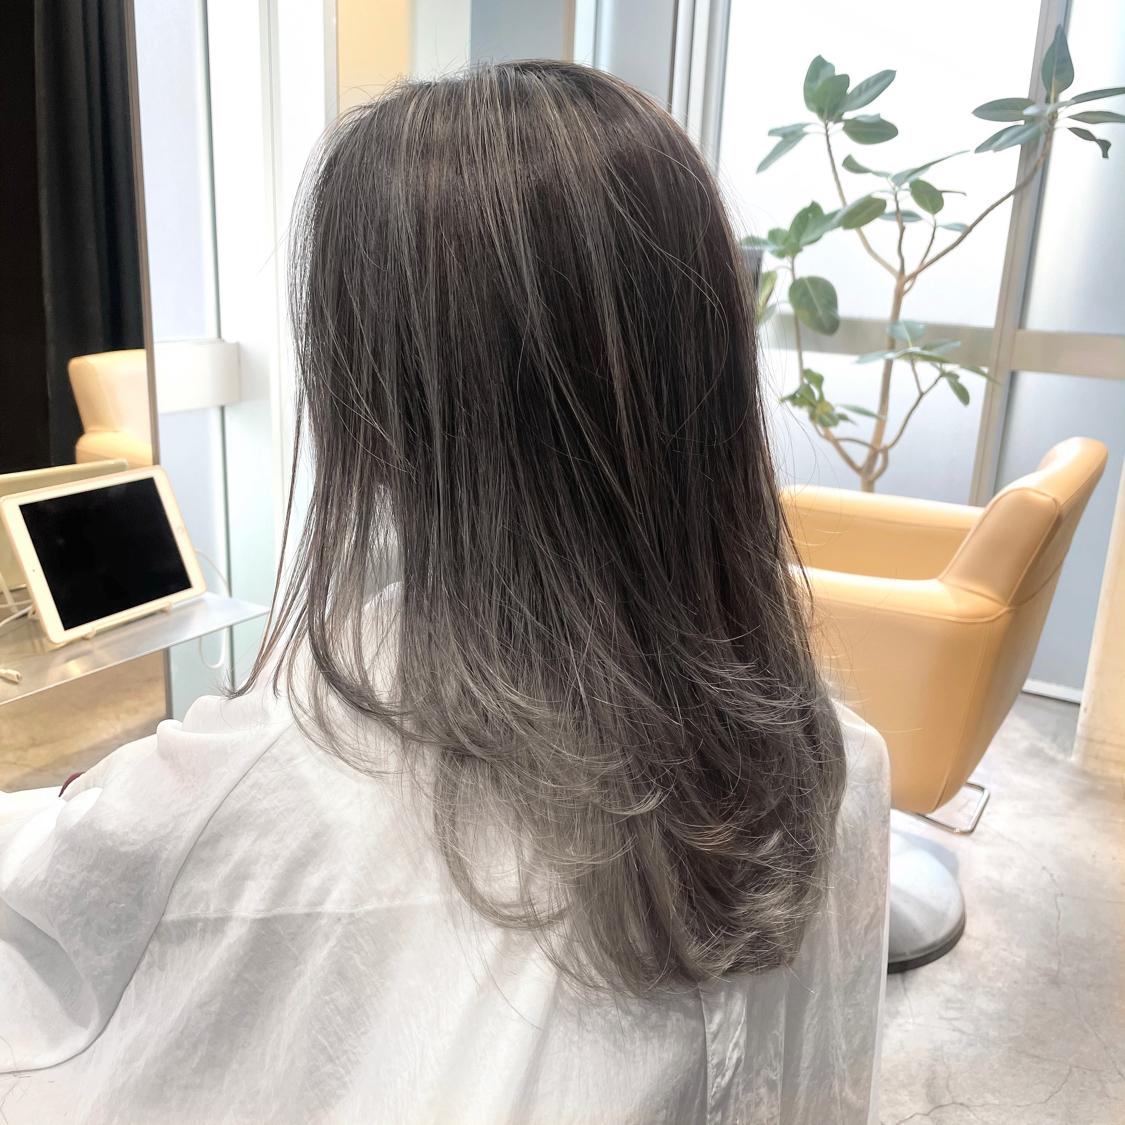 ブリーチありのデザインカラー。 出来る限りダメージレスに。  グラデーショングレージュ。  秘密のレシピで叶える。 《極上質感》をぜひ✨ . . くせ毛に悩む女性のための スタイリングケアが出来ました! WEBやお店でも手に入らない 紹介制のアイテム【ONSE】 気になる方はDMかホームページから 【https://toshiya-hagiwara.themedia.jp/】  仕上がりの質感がとても良いです。 その柔らかさでクセをコントロールします。 艶はもちろん。サラサラからしっとりまで クオリティが高くてオススメです!  オイル→ツヤツヤ、グロッシー バーム→しっとり、柔らか ミスト→サラサラ、エアリー  タイプを分けるとこんな感じ。 質問があれば喜んでお受けします😊 . . ※只今、マスクしたまま施錠出来るよう 替のマスクご用意してます。   #前髪 #グレージュ #透明感 #アッシュ #ナチュラル #カジュアル #ストリート #ガーリー #キュート #オフィス #丸顔 #シースルーバング #カラー上手い #ゼロアルカリストレート #髪質改善 #ストレートパーマ #アッシュ  #アディクシーカラー  #イルミナカラー